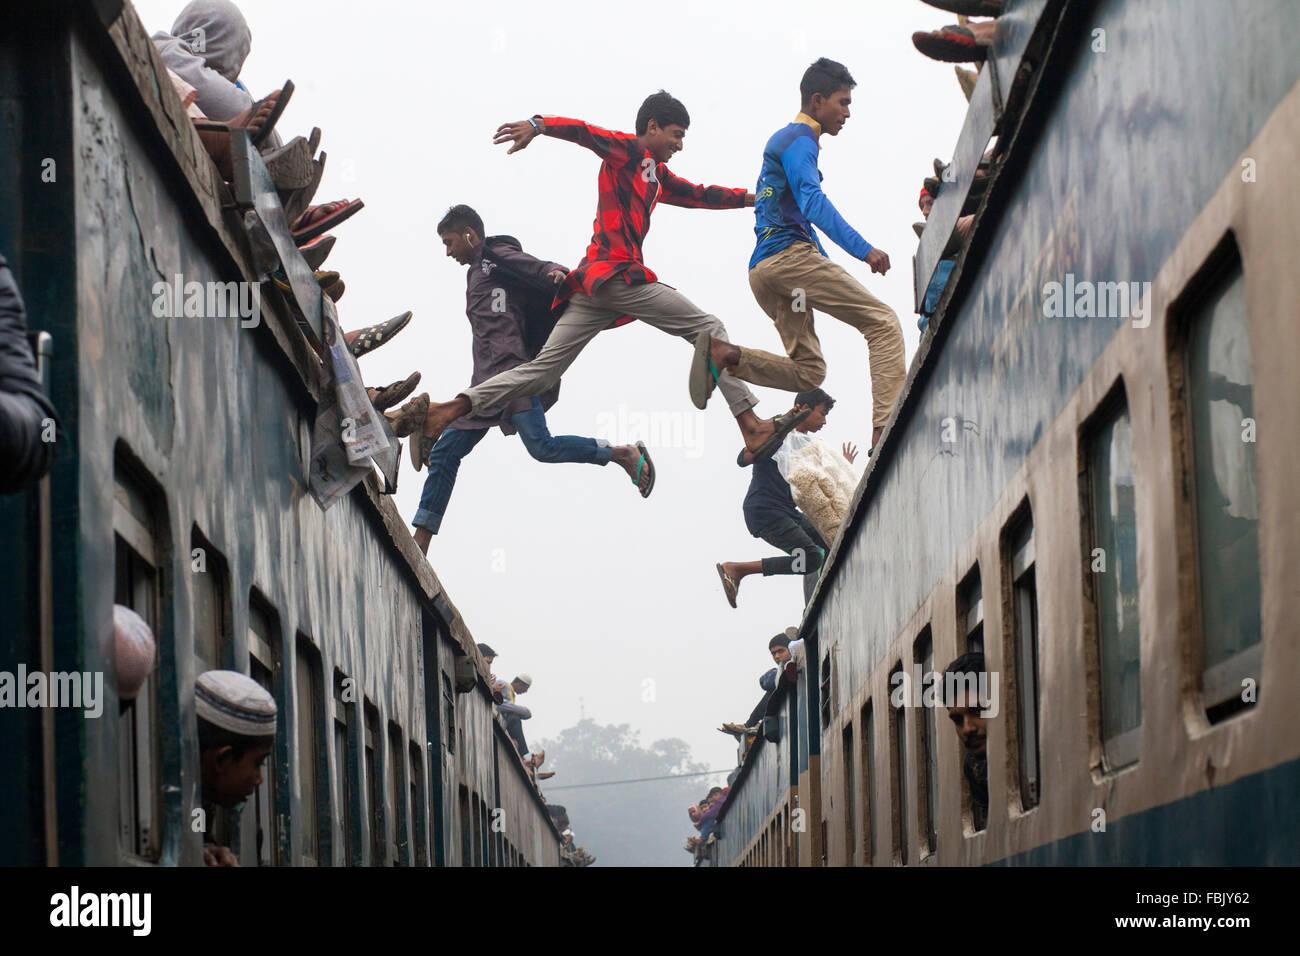 DHAKA, Bangladesch 10. Januar 2016: Menschen in überfüllten Zug springen sie besuchen die Akheri Munajat Stockbild